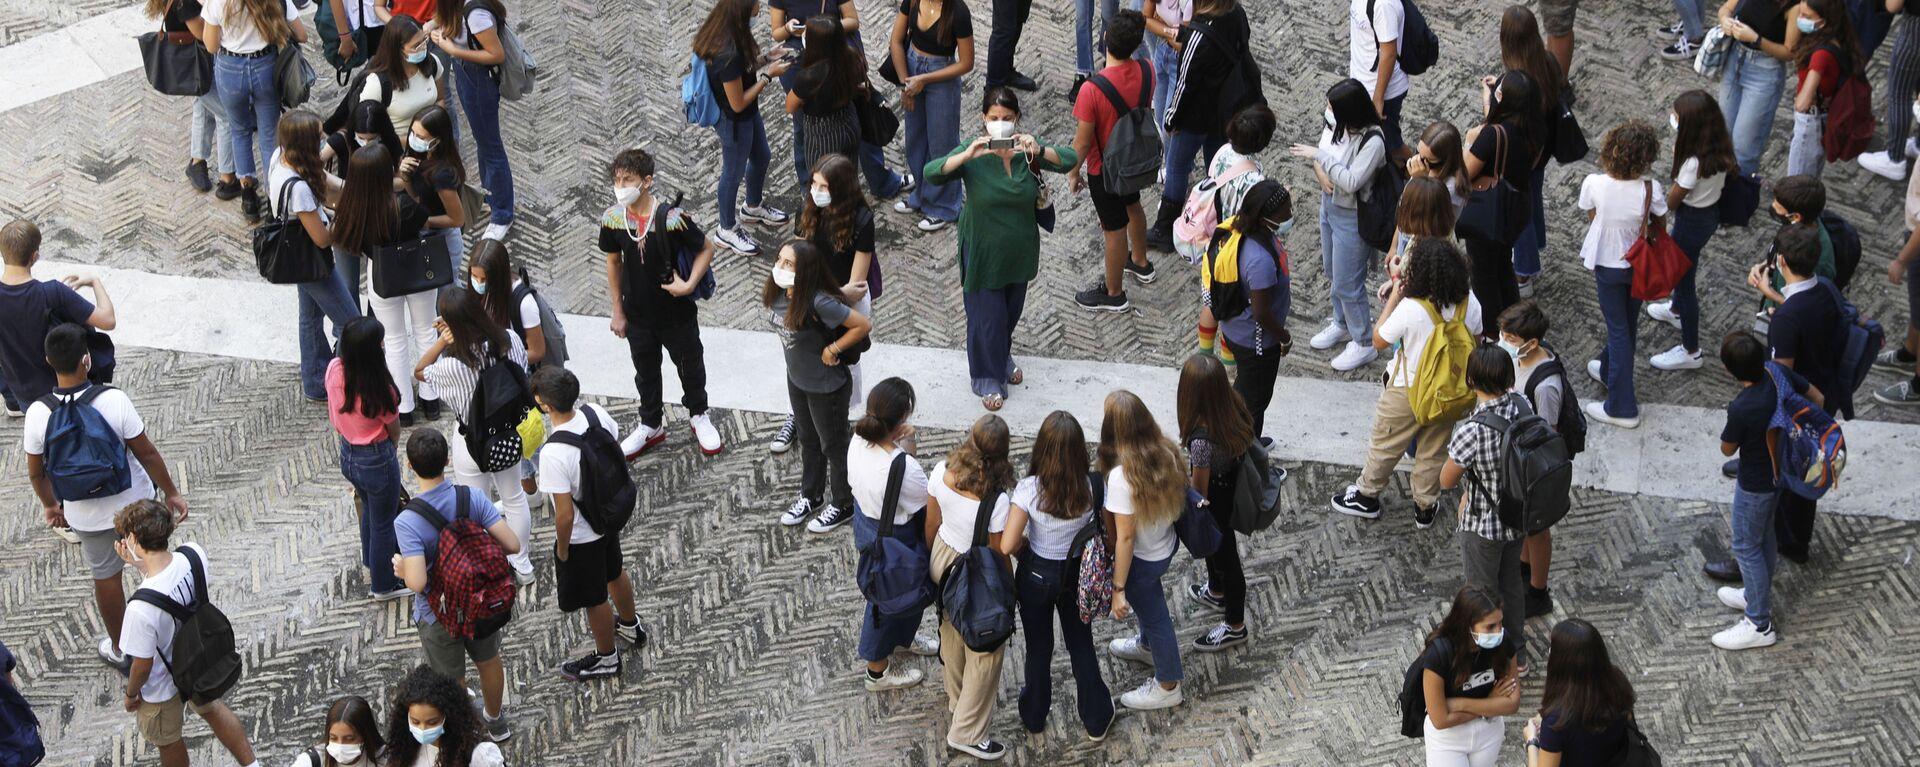 Studenti con mascherine - Sputnik Italia, 1920, 05.07.2021